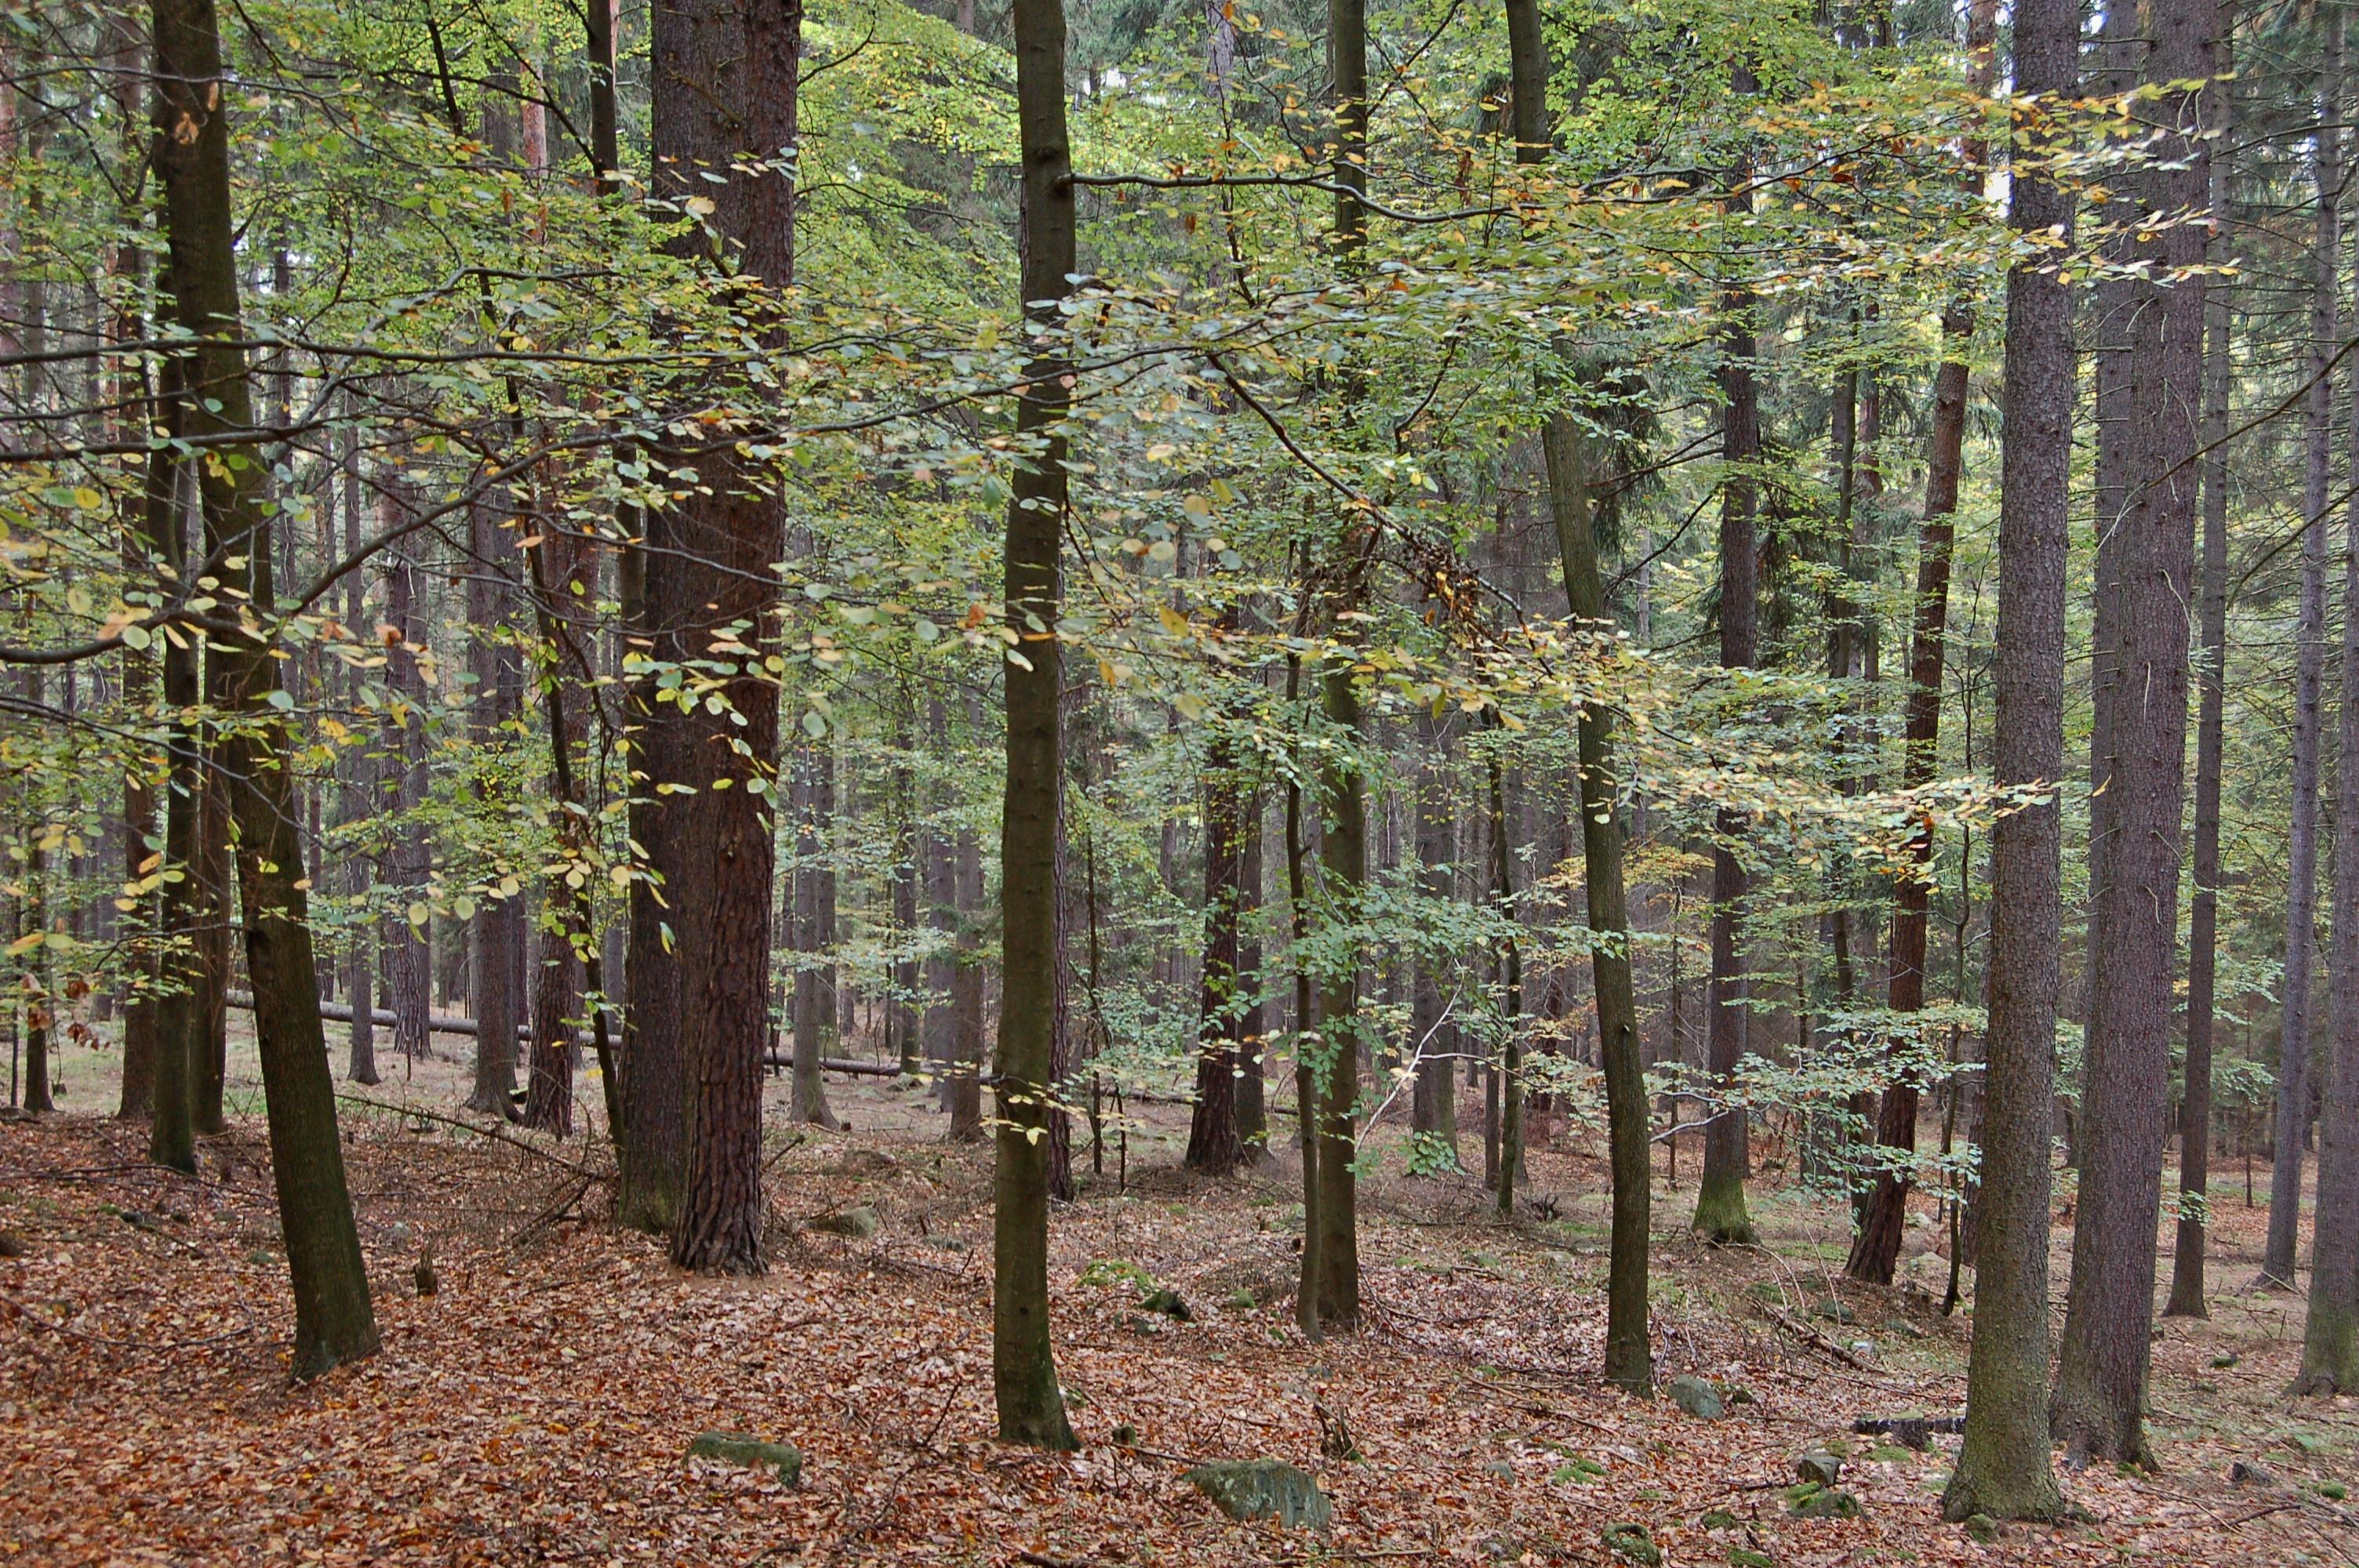 Kořeny buku mohou chránit smrky před suchem